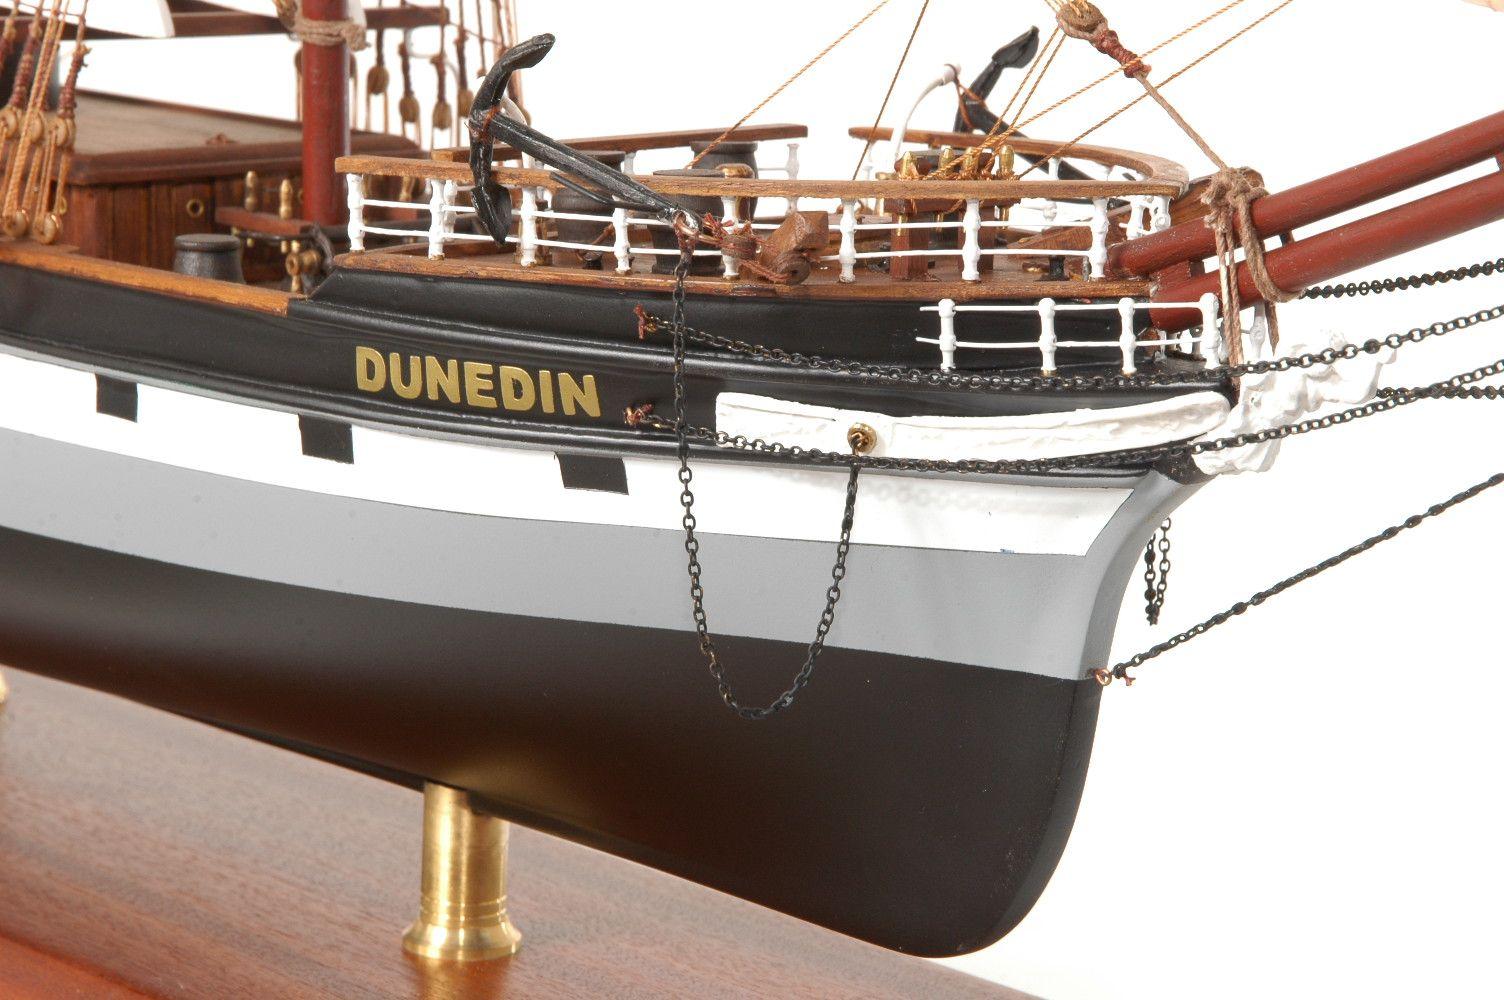 573-7234-Dunedin-Model-Ship-Premier-Range